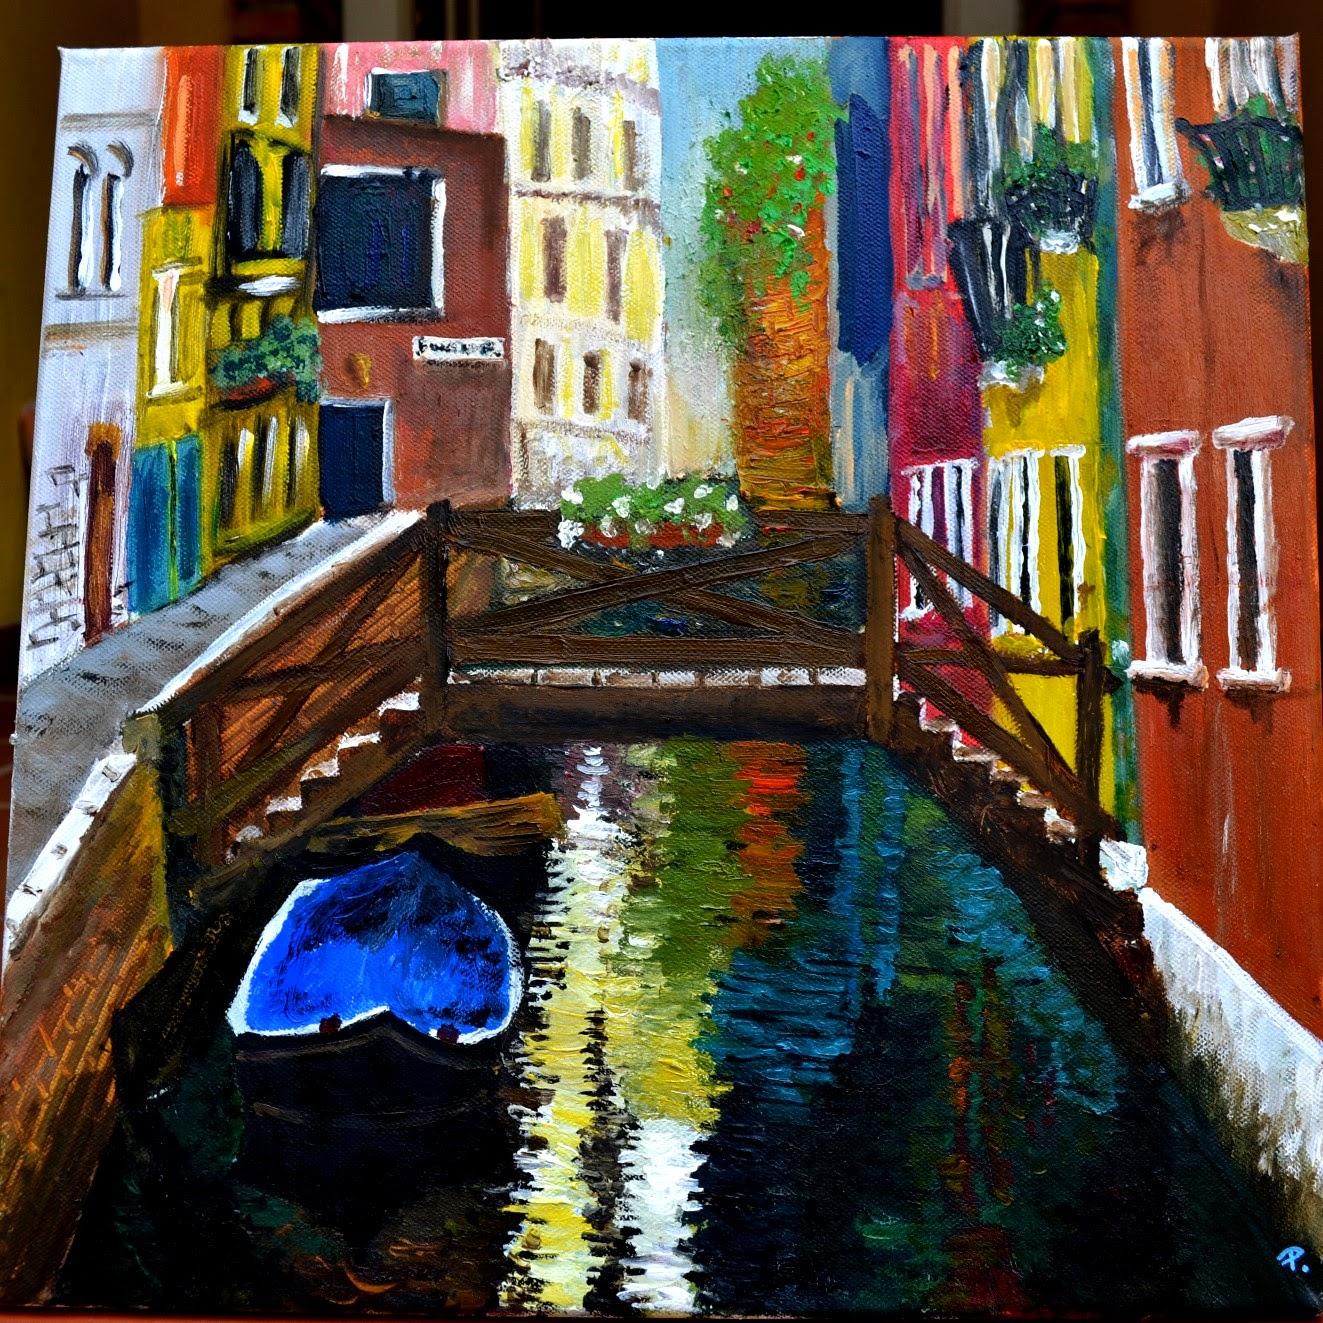 Venice Dreams